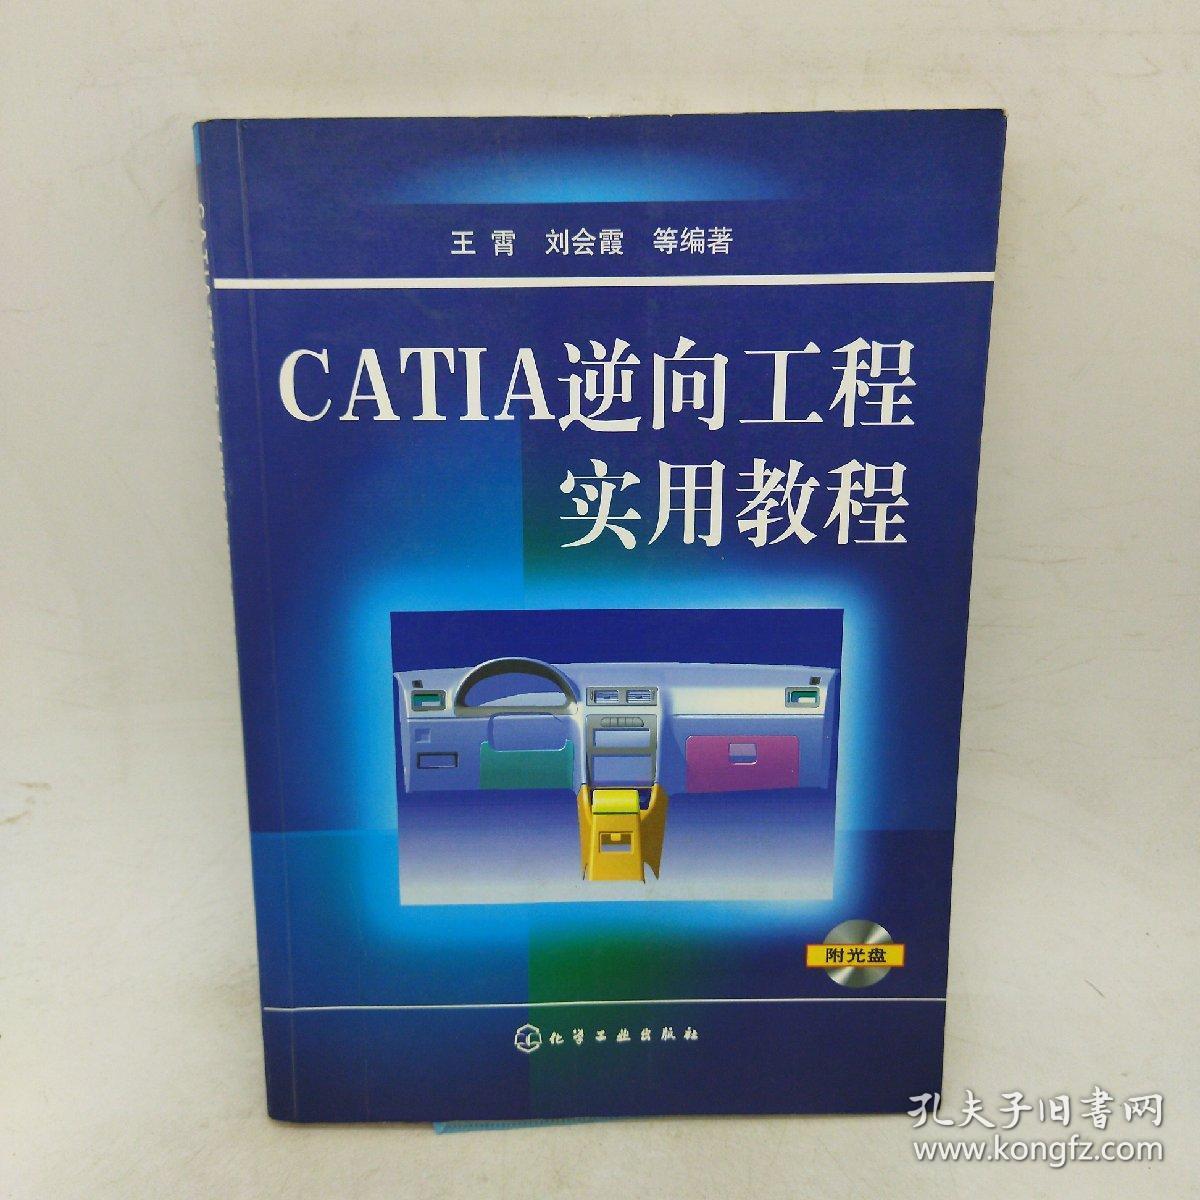 CATIA逆向工程实用教程